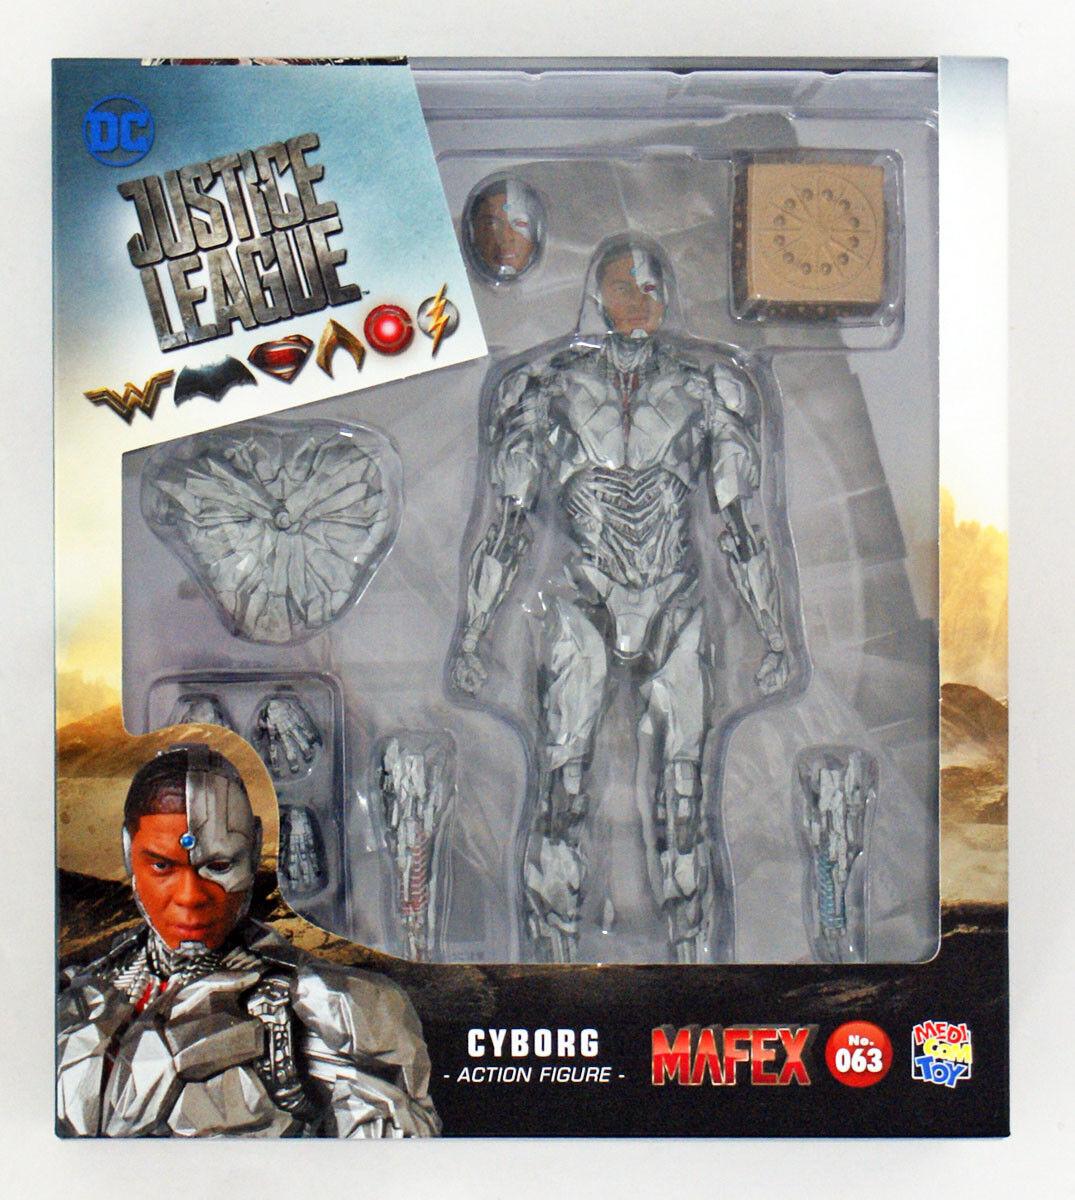 Medicom MAFEX 063 Cyborg Figure (Justice League)